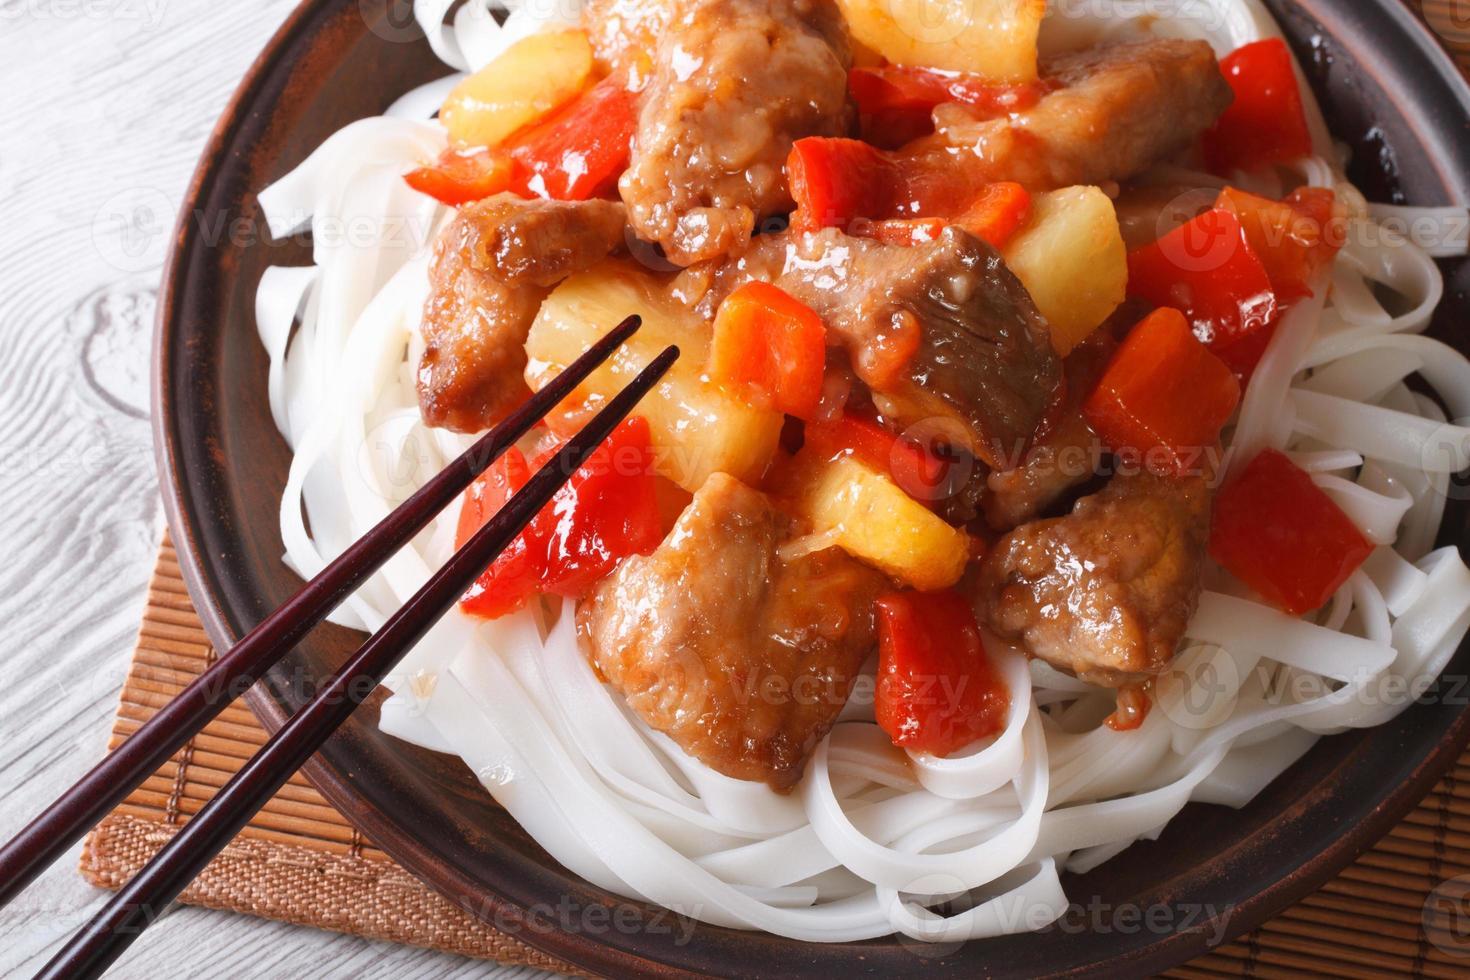 porc aux légumes et nouilles de riz vue de dessus horizontale photo